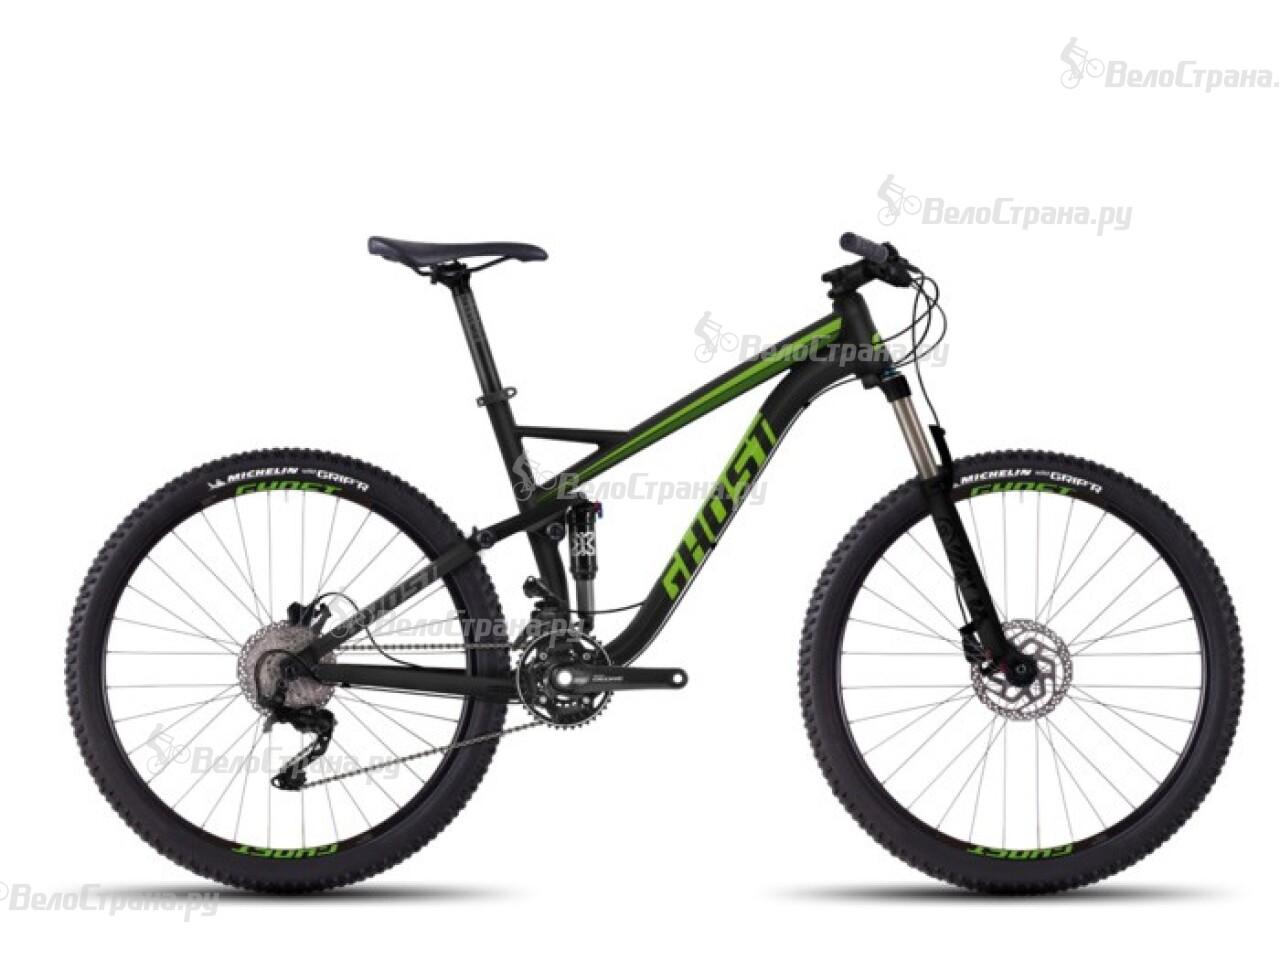 Велосипед Ghost Kato FS 3 (2016) цены онлайн